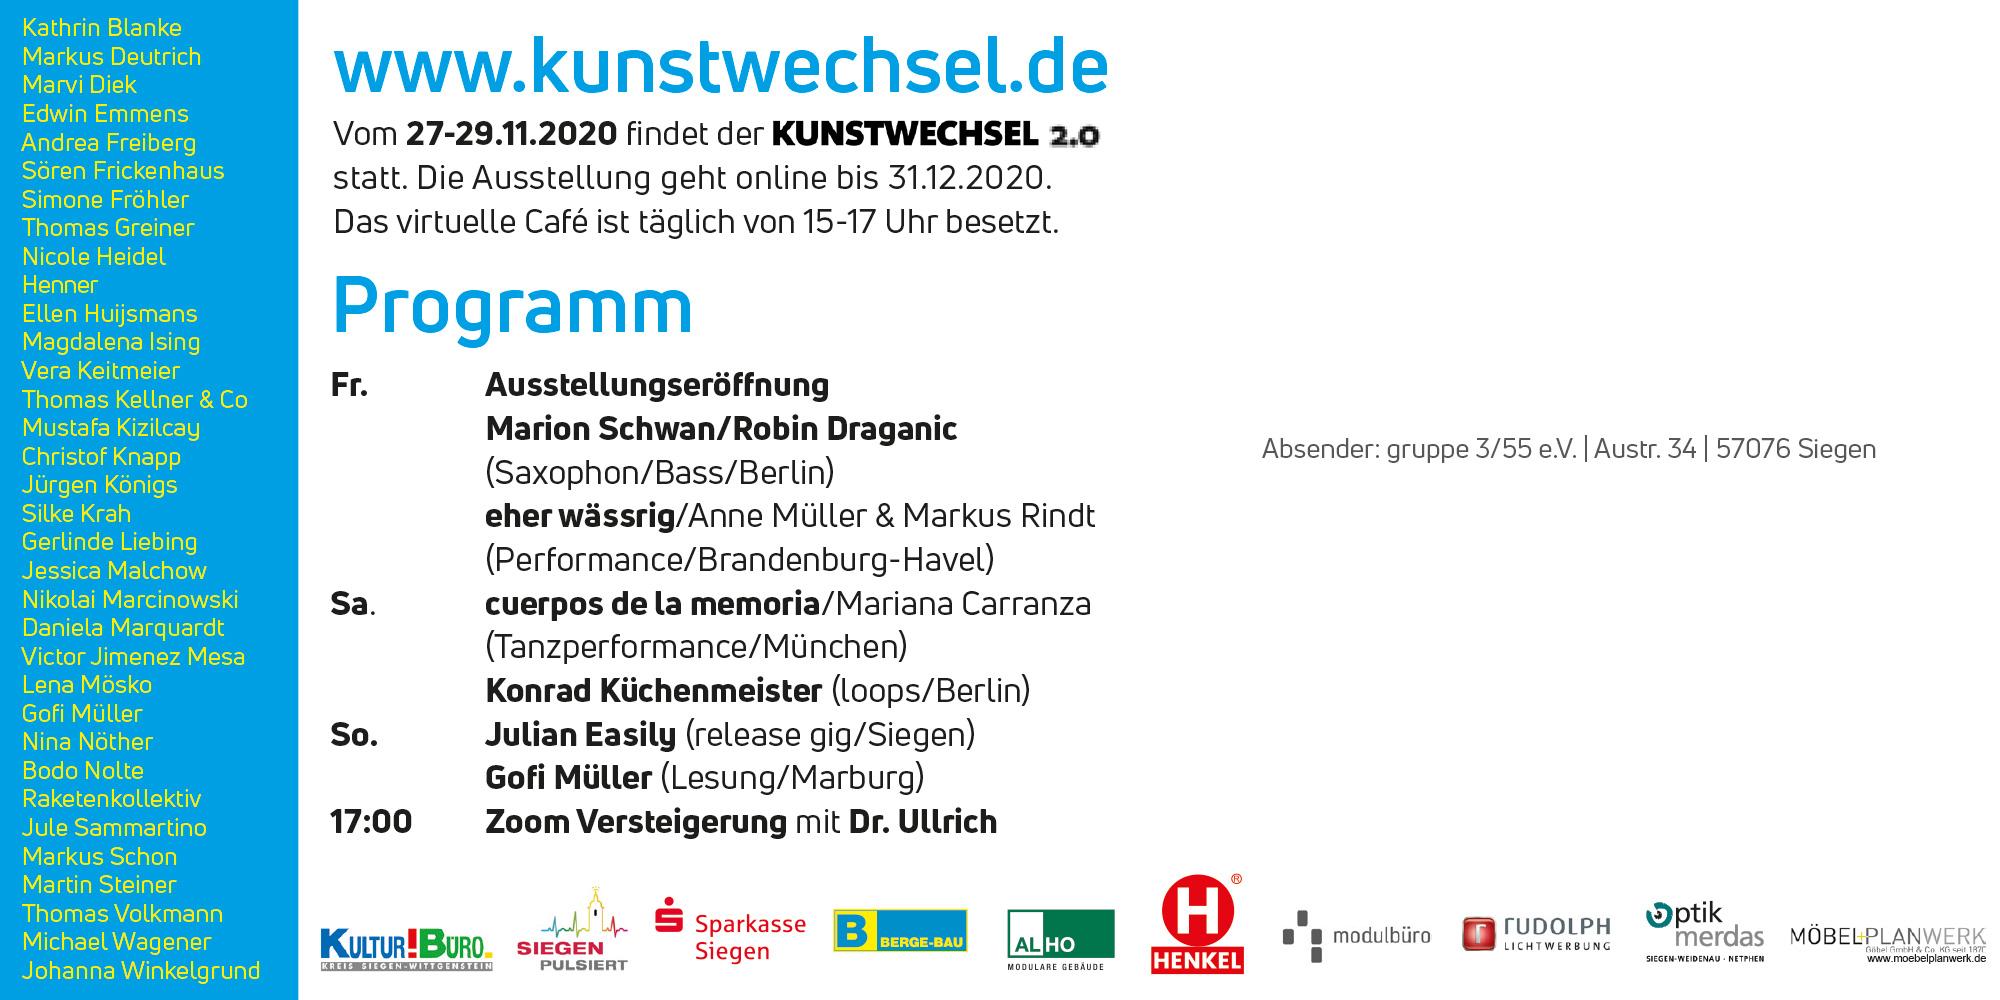 Kunstwechsel 2.0 digital in Siegen vom 27-29.11.2020